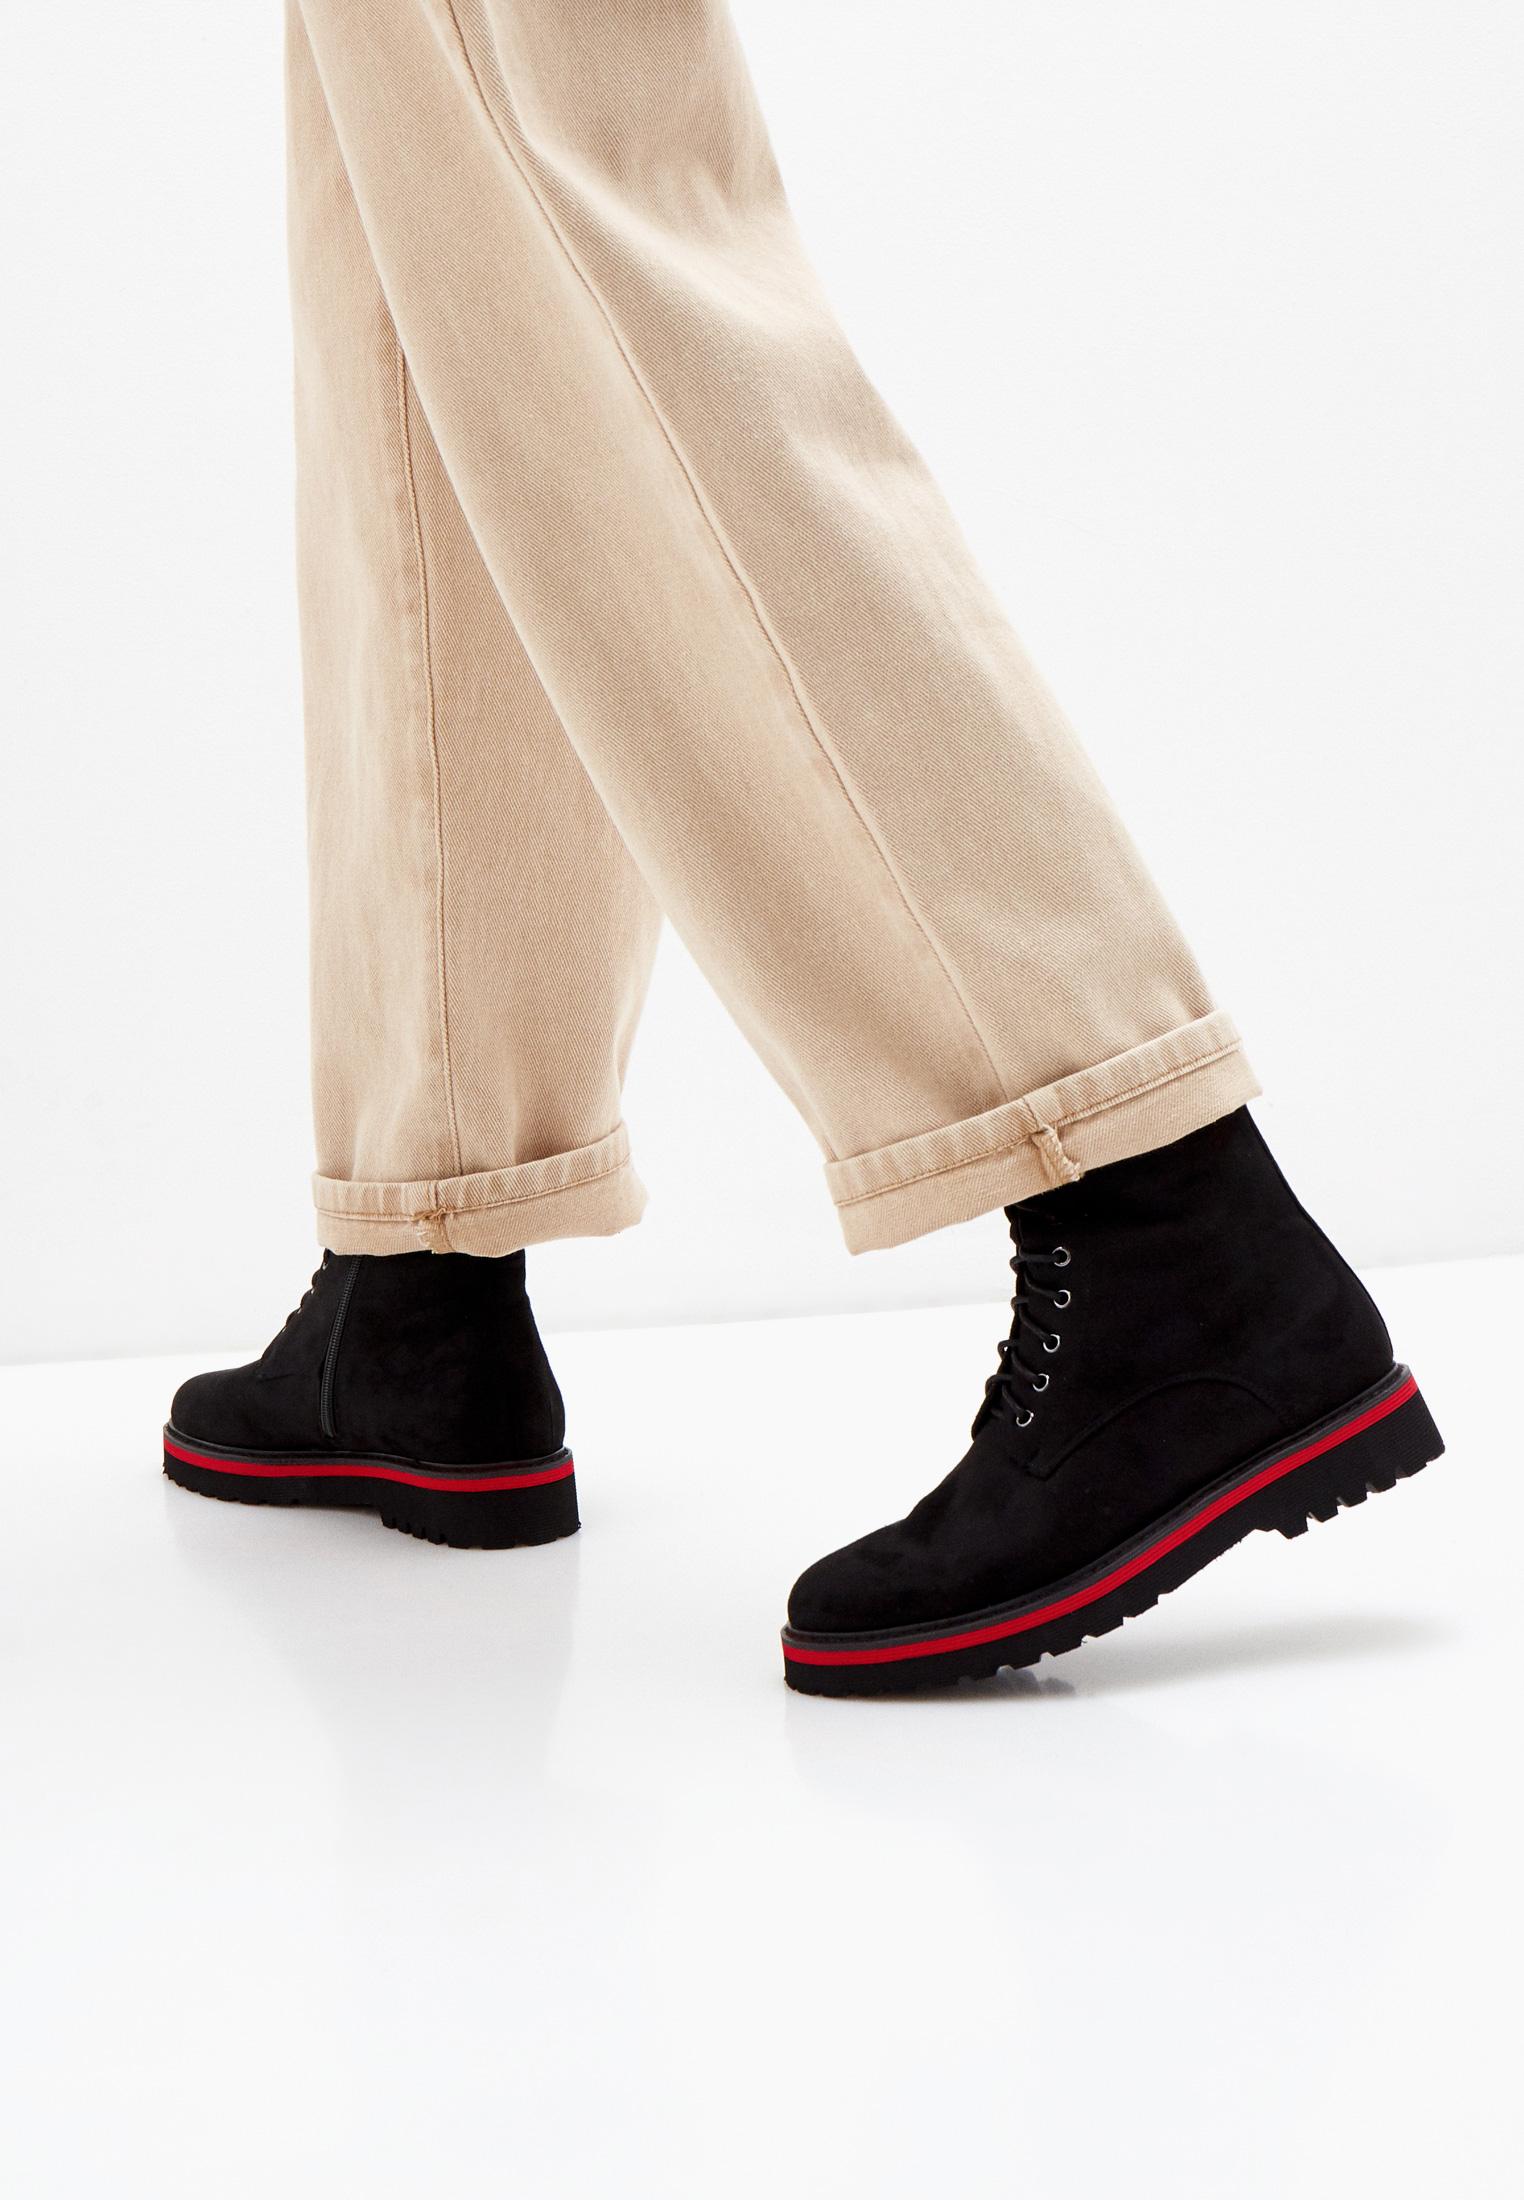 Женские ботинки Diora.rim DRZ-2120-1760/: изображение 6